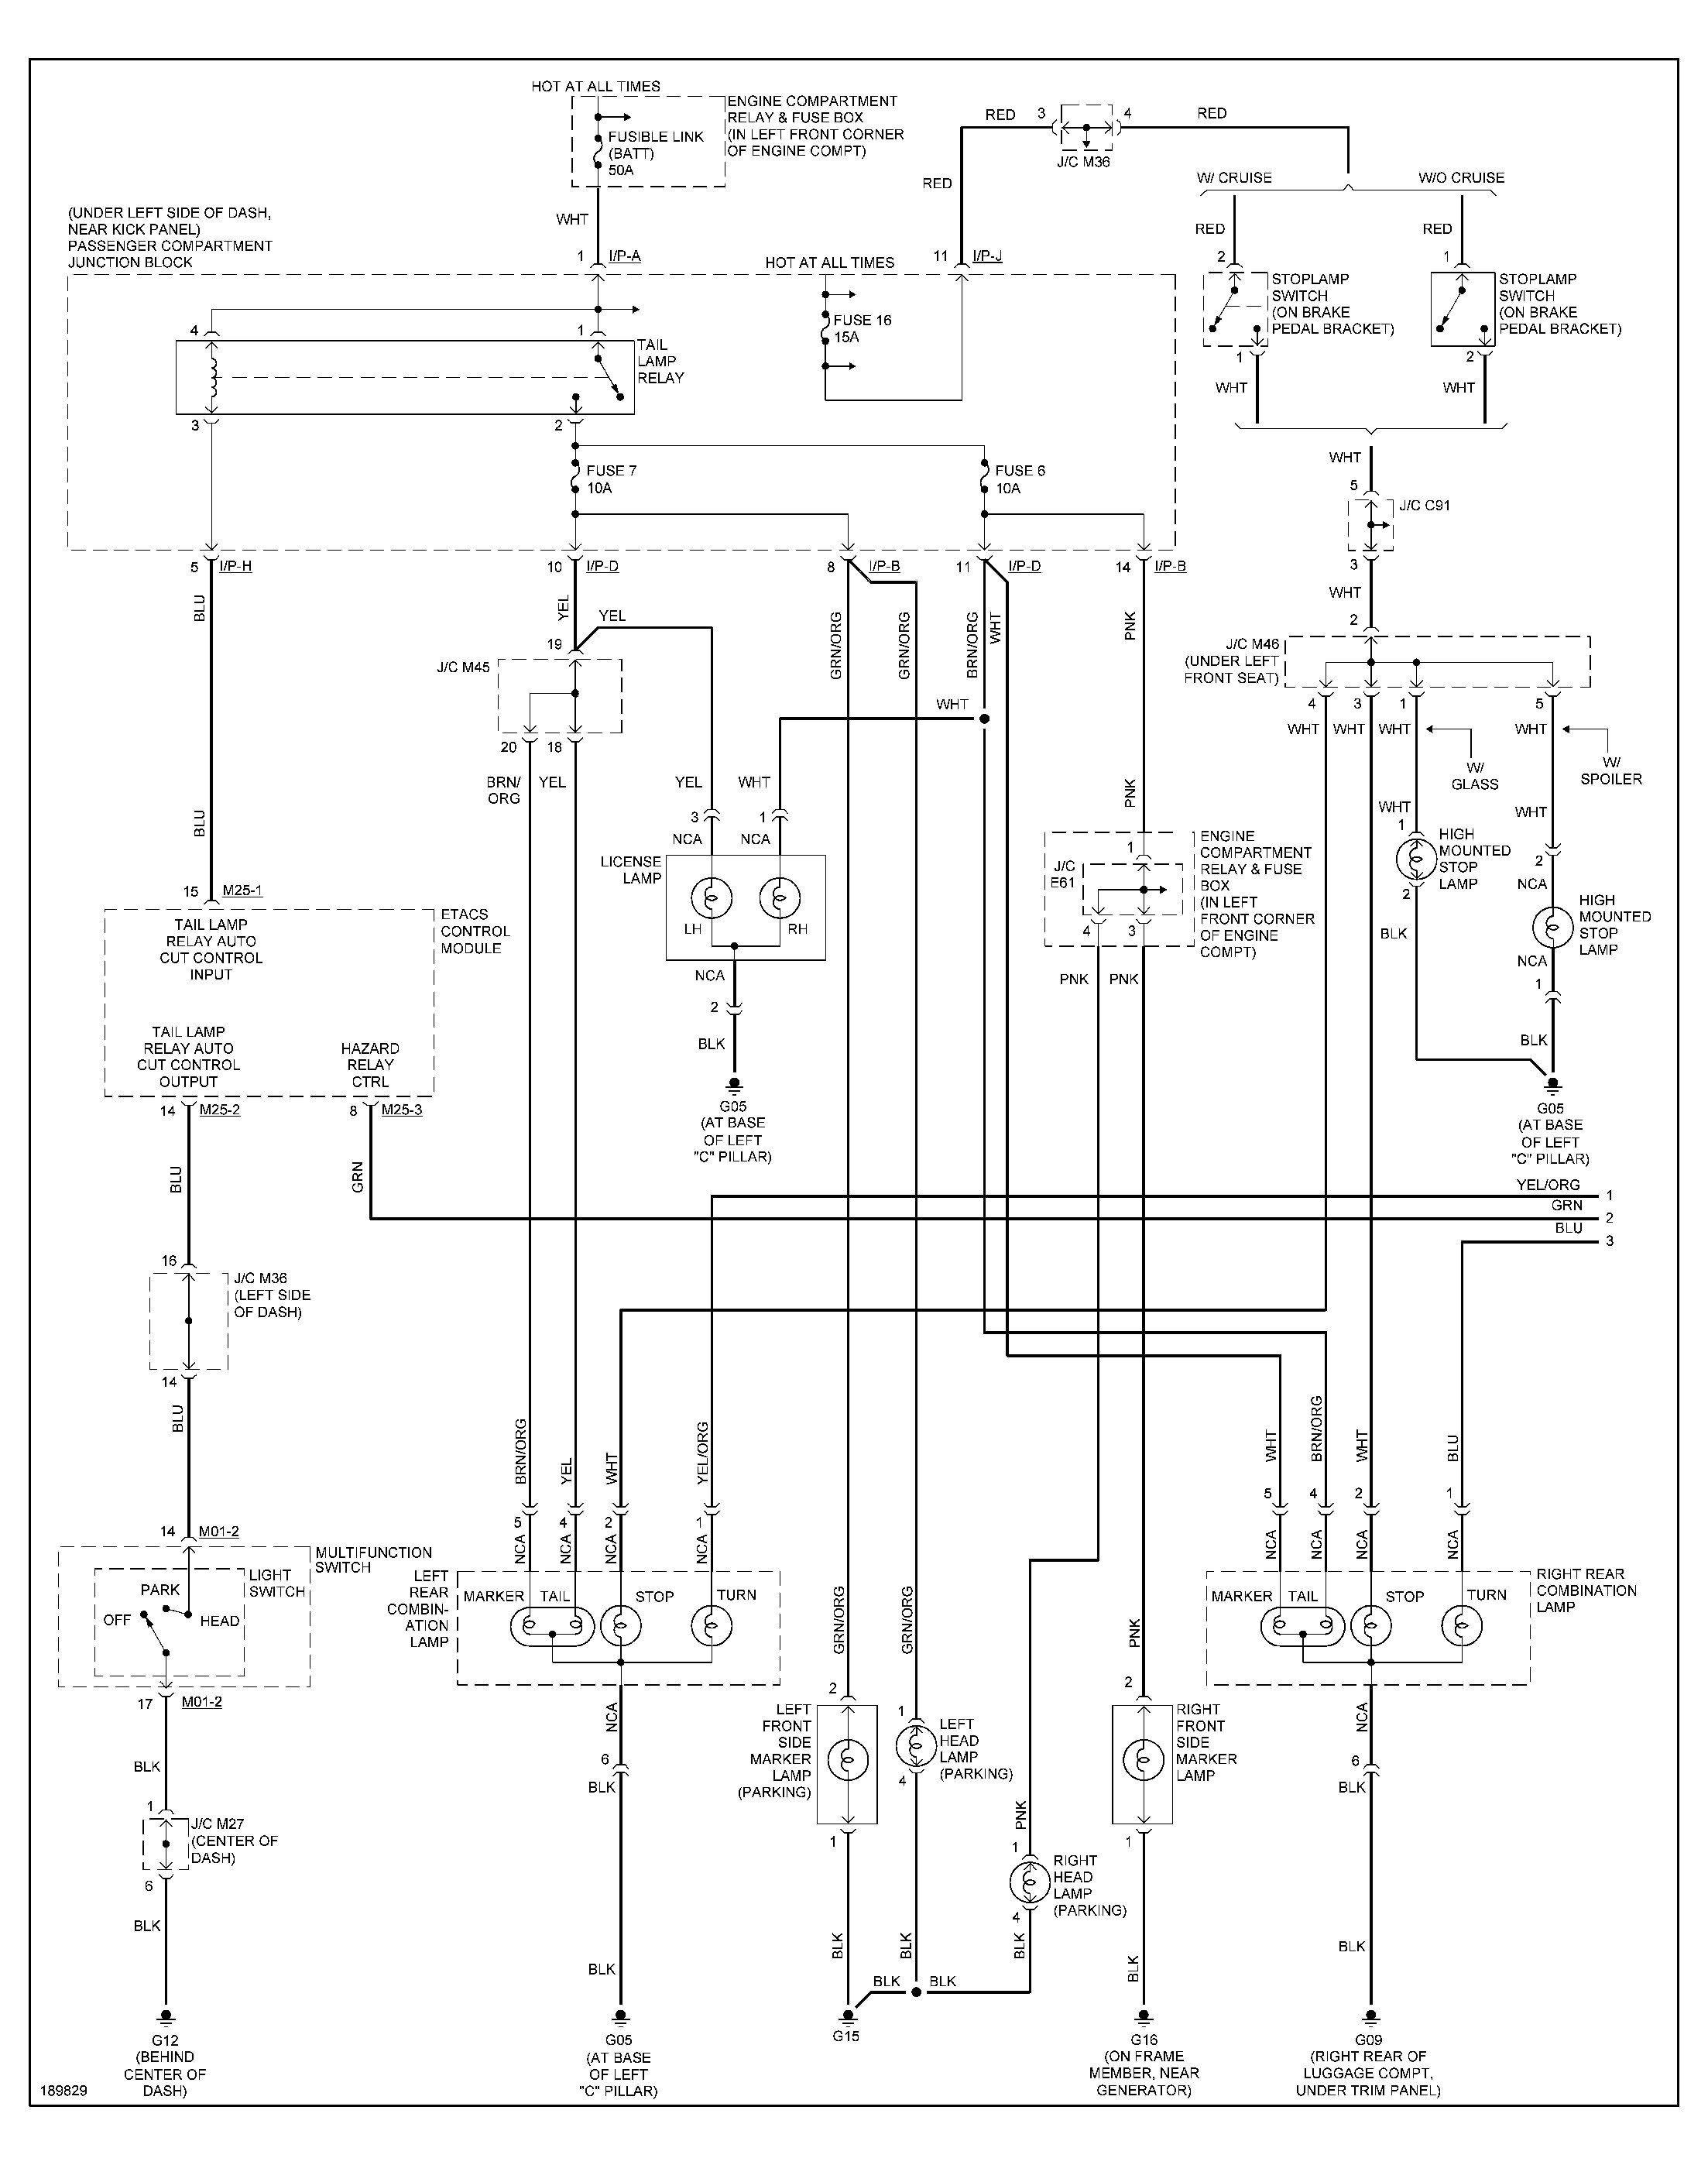 Metra 70-5520 Wiring Diagram Awesome | Wiring Diagram Image For - Metra 70-5520 Wiring Diagram